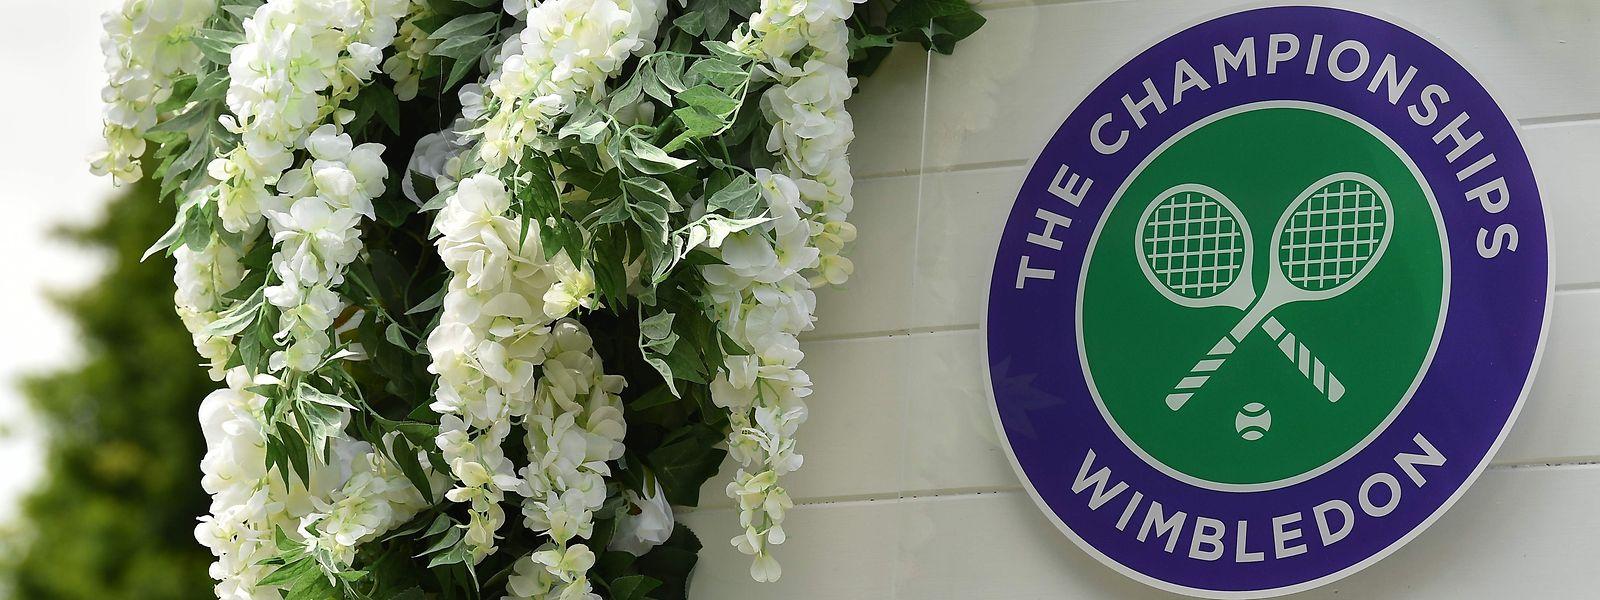 La crise du coronavirus aura eu raison du tournoi de Wimbledon 2020